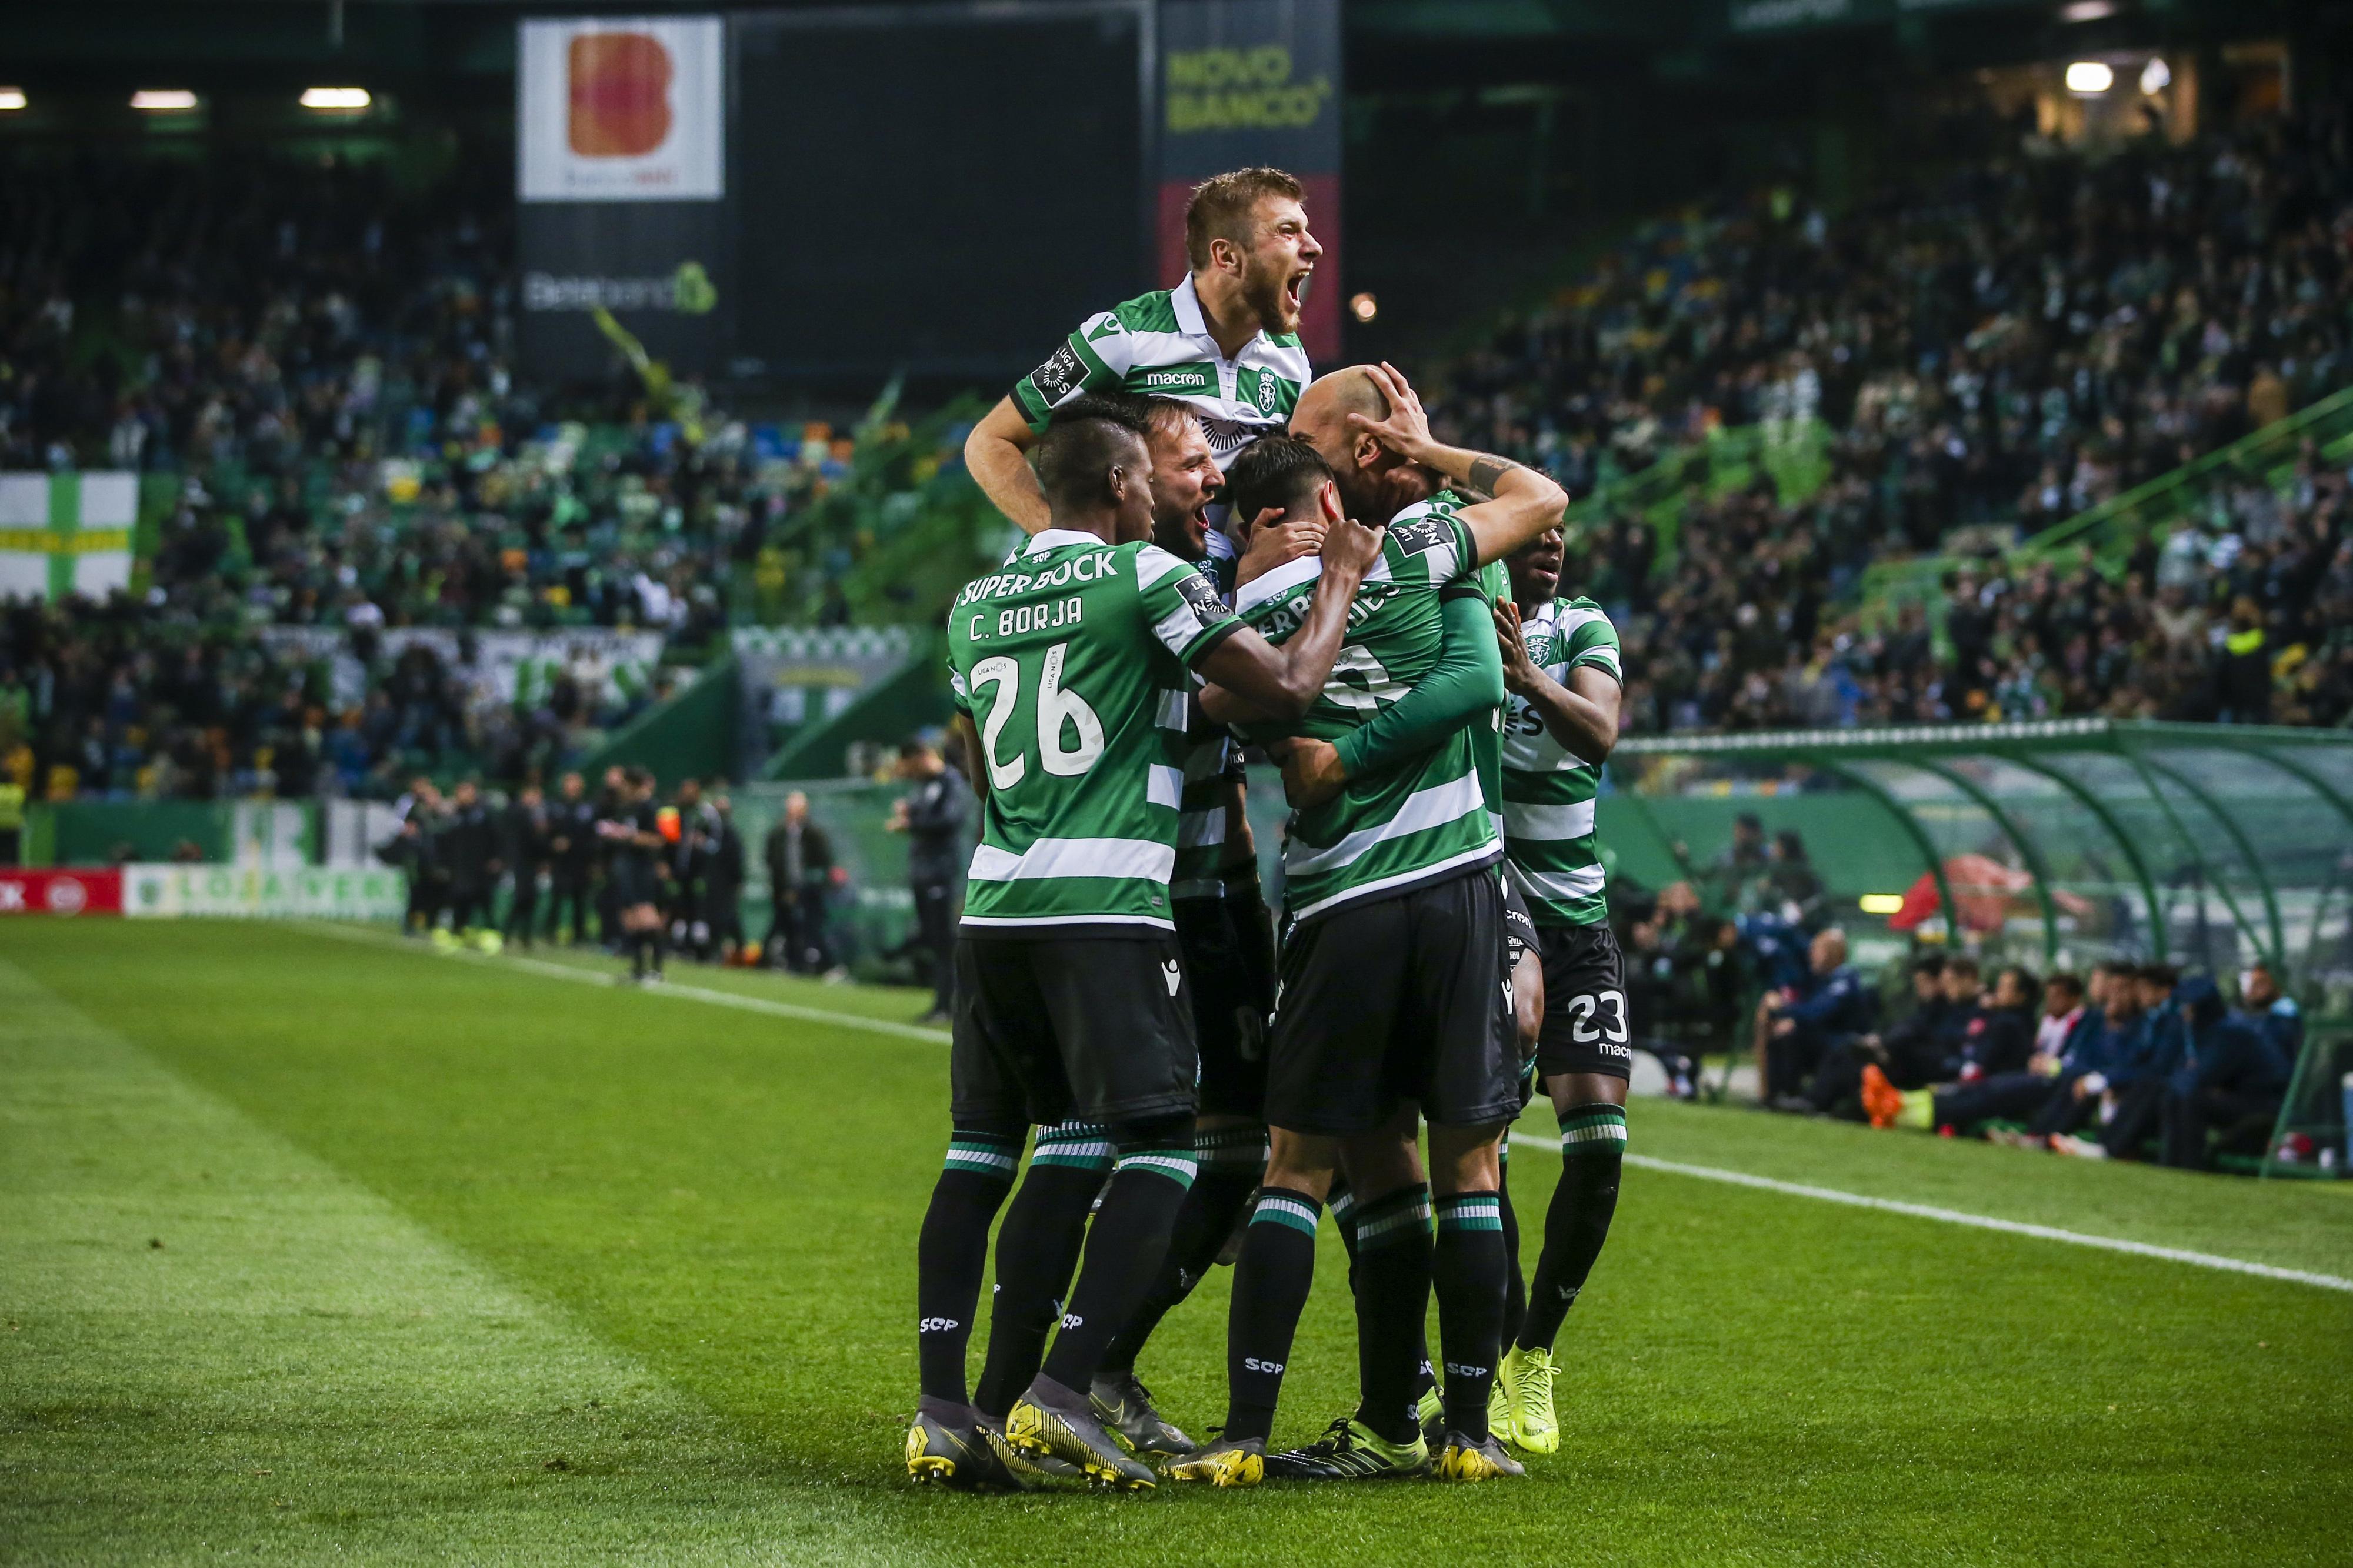 Análise Sporting 3-0 Sporting de Braga: 'Leão' convence e 'respira' de alívio na luta pelo terceiro lugar